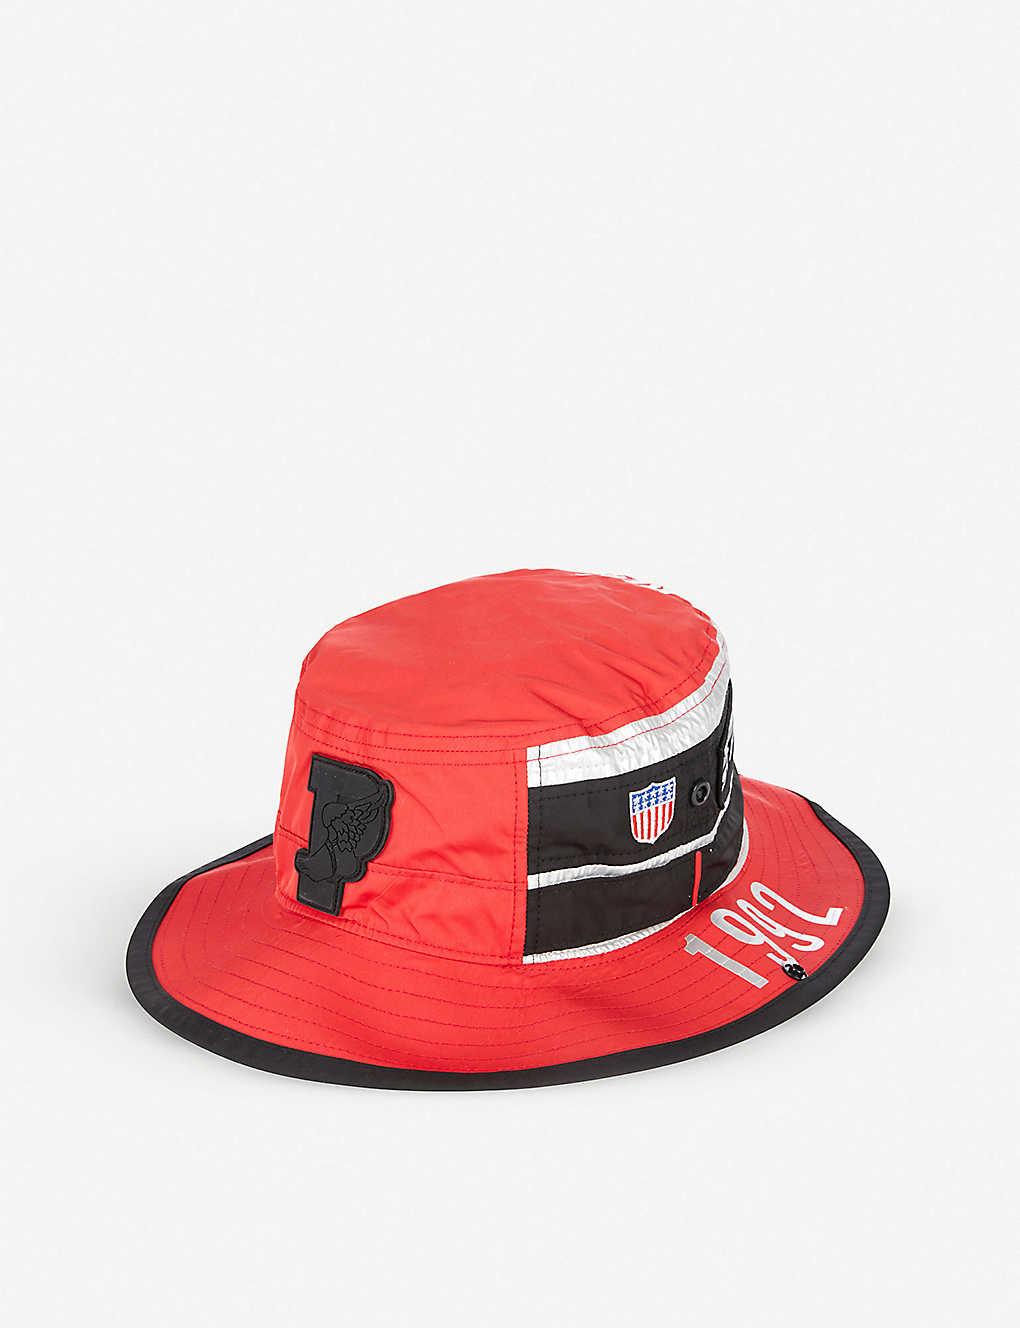 011155d27a387 POLO RALPH LAUREN - Winter Stadium 1992 Booney shell and mesh hat ...